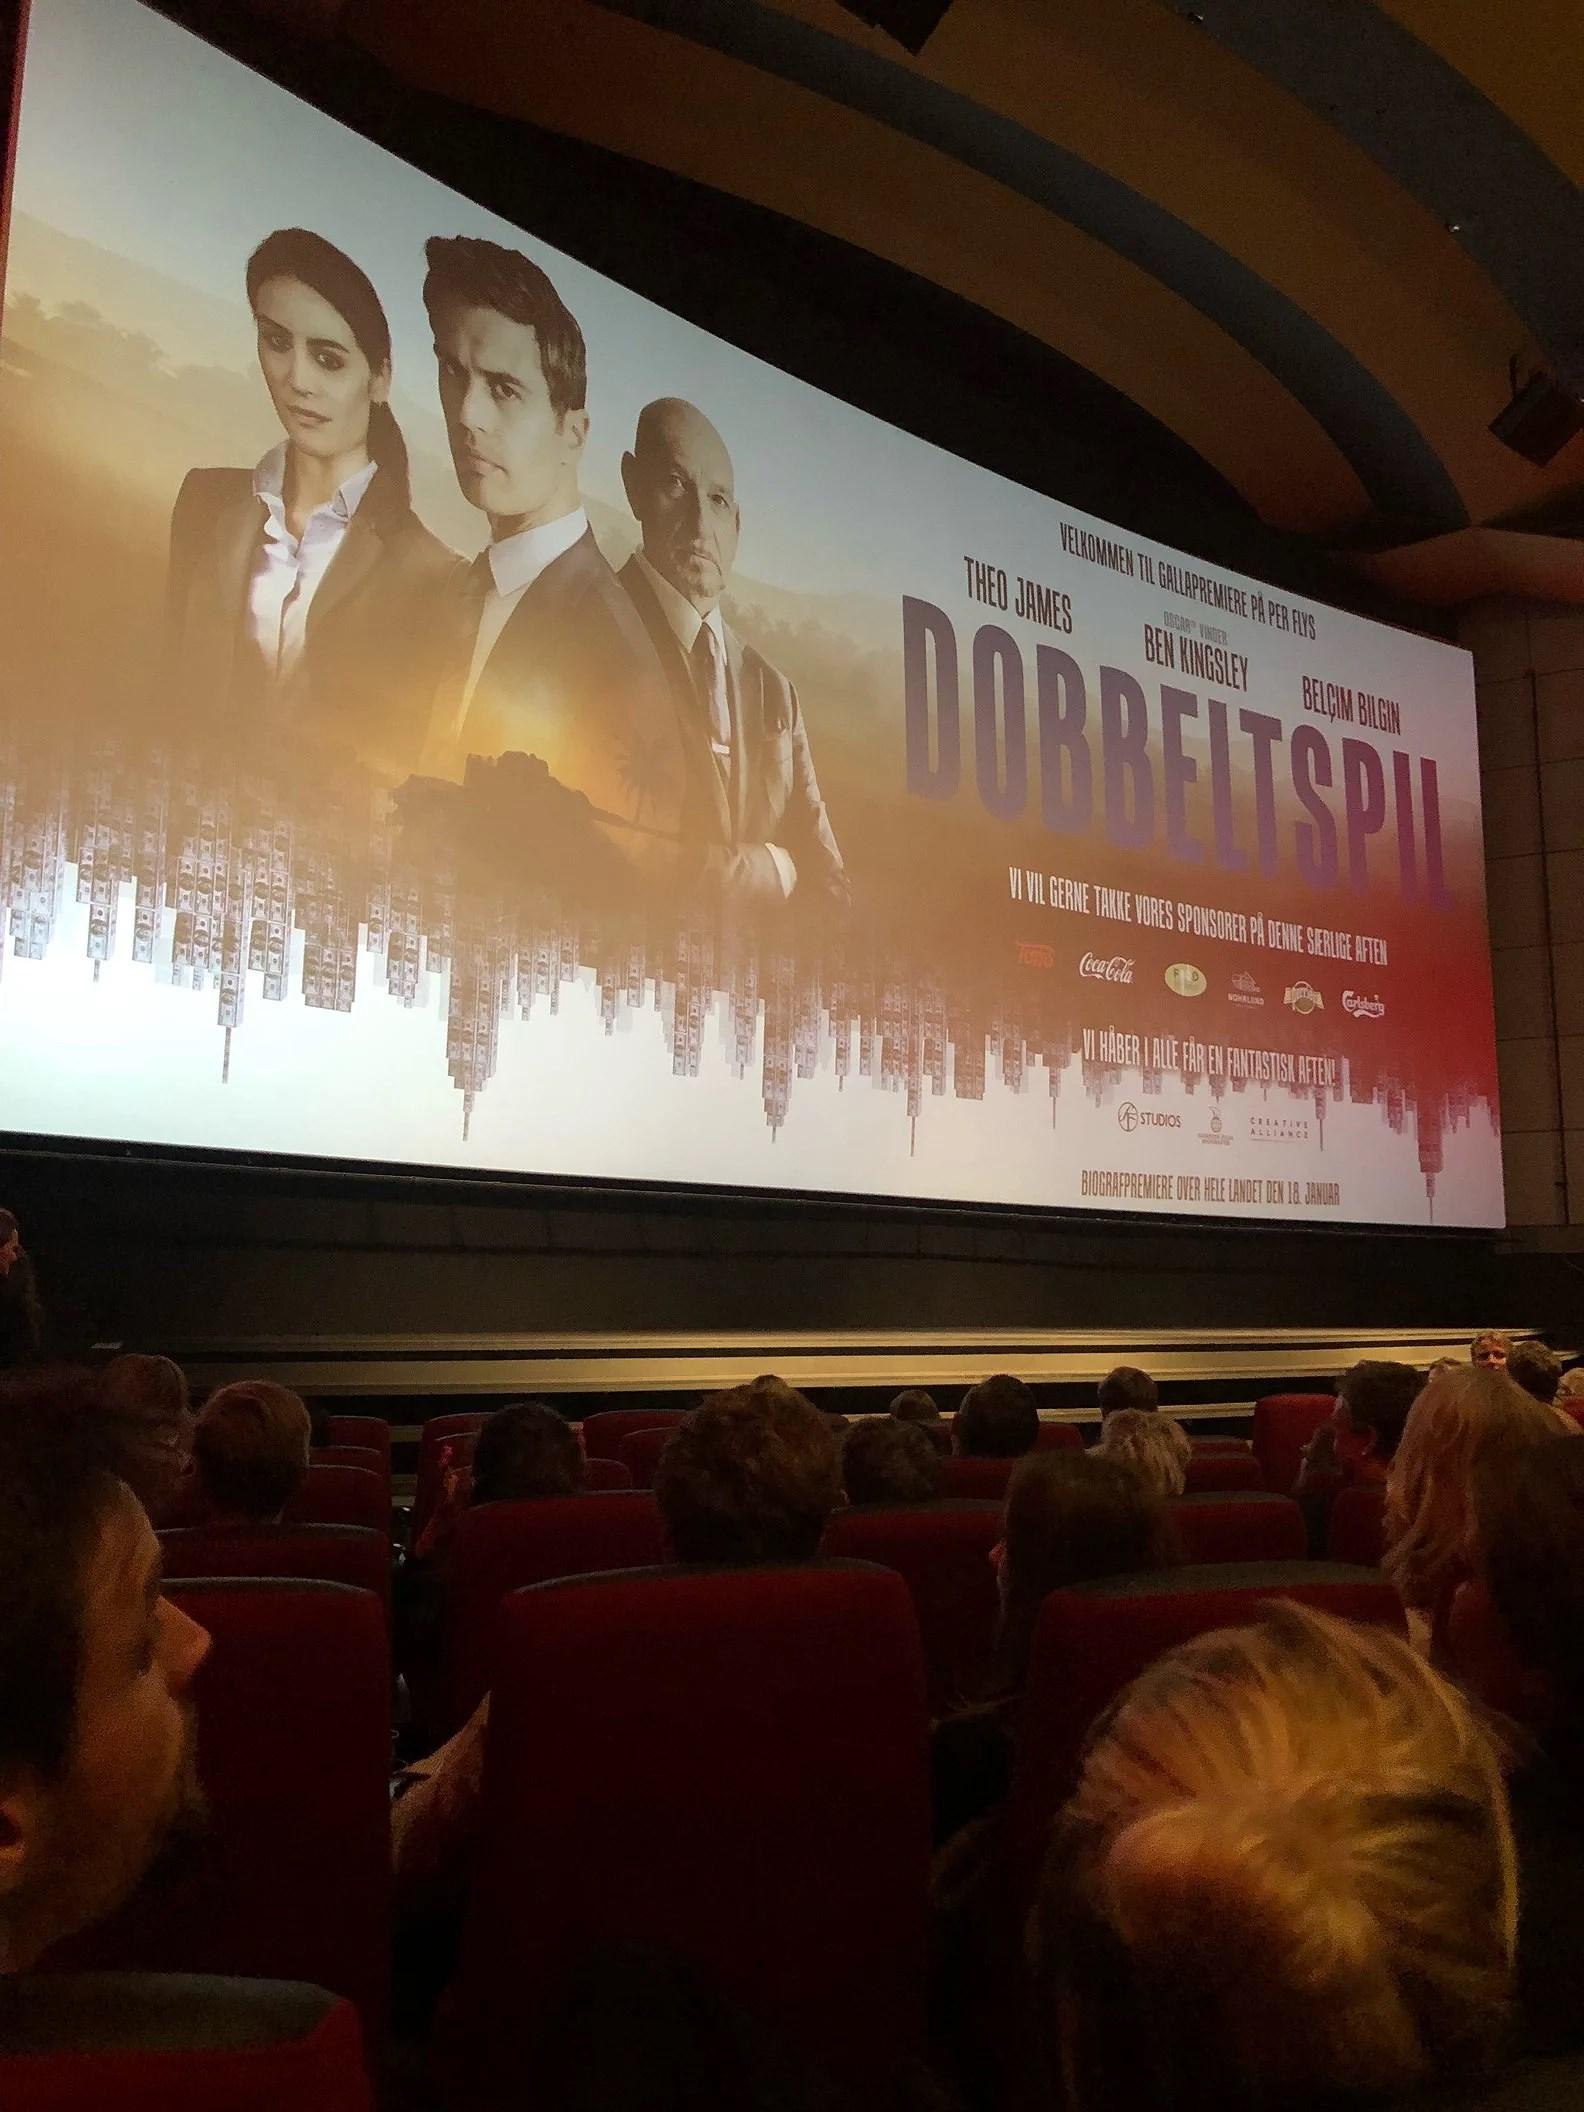 Premiere: Dobbeltspil